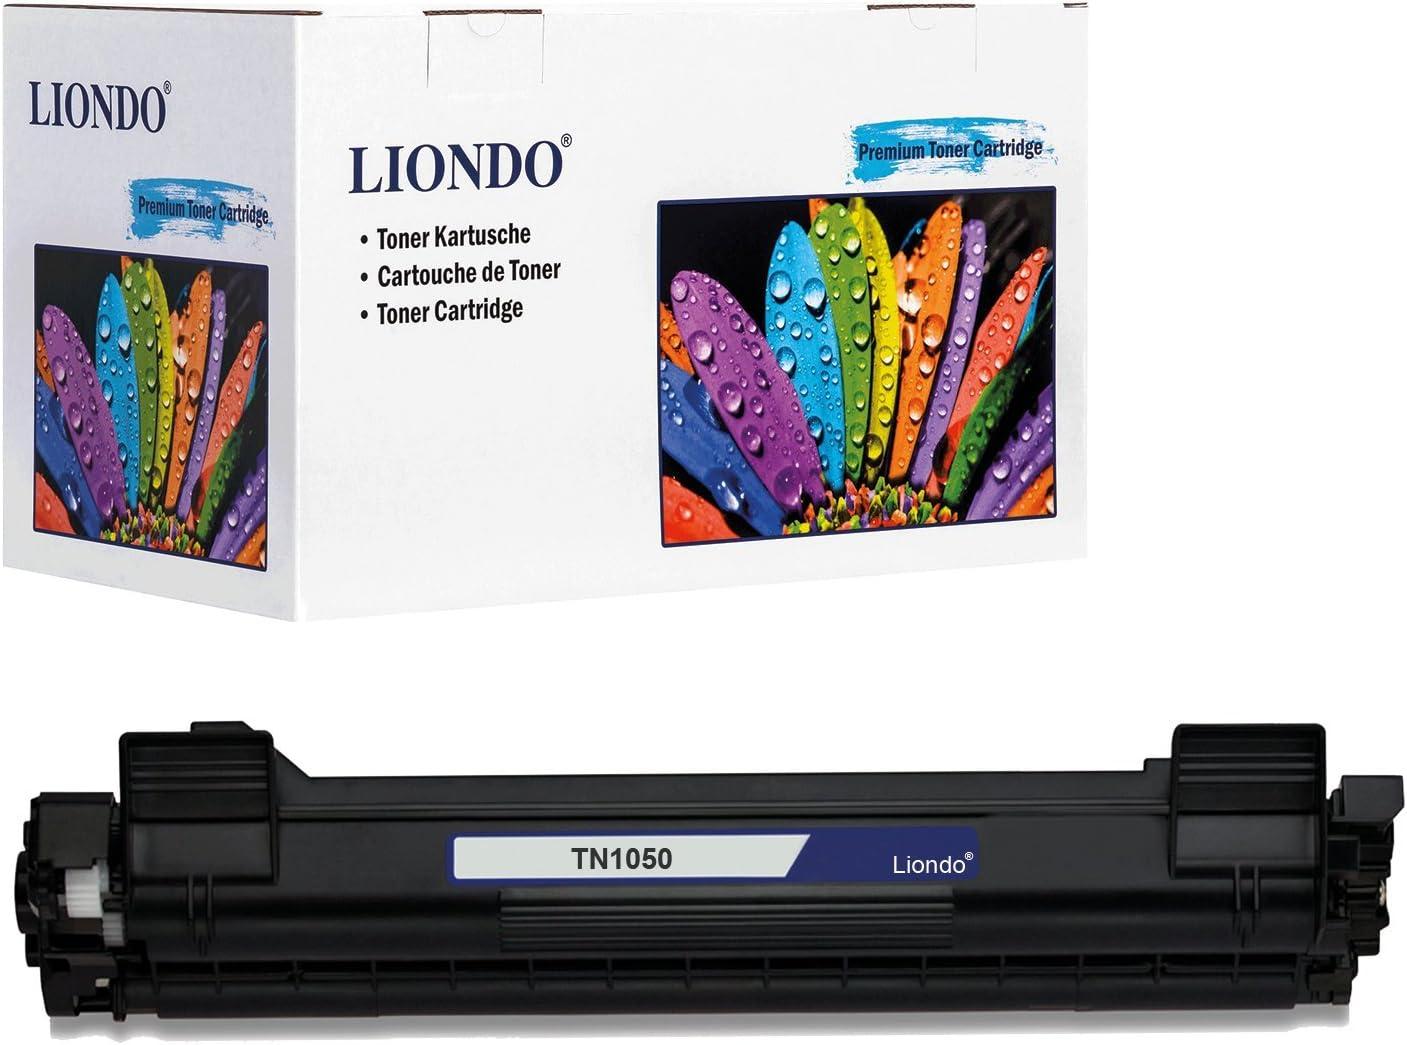 Liondo Toner Kompatibel Zu Brother Tn 1050 Tn 1075 Hl 1110 Hl 1112 Dcp 1510 Dcp 1512 Mfc 1810 Laser Multifunktionsdrucker Schwarz 1 500 Seiten Bürobedarf Schreibwaren